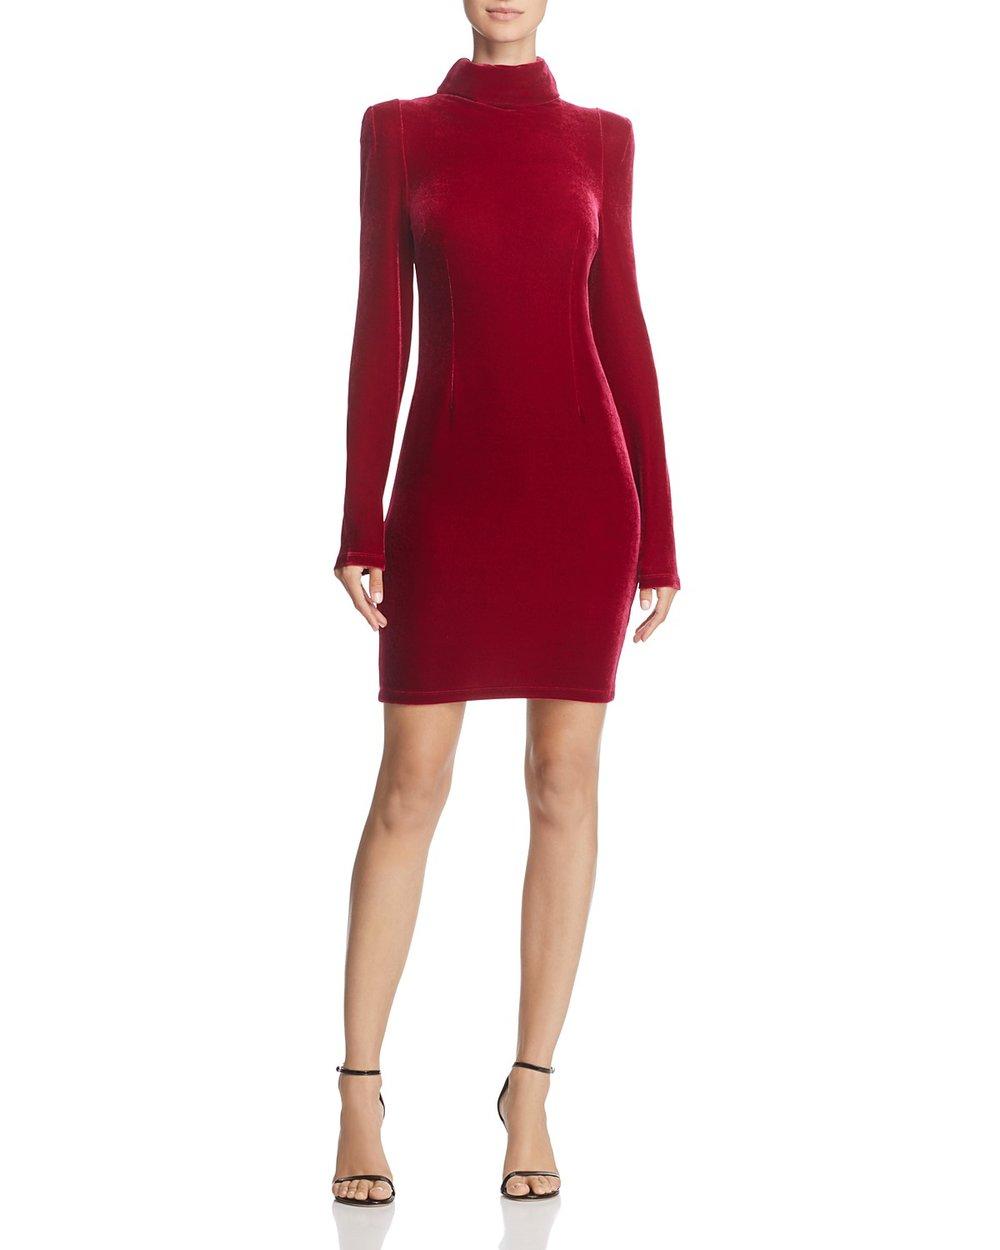 5 dress 1.jpeg